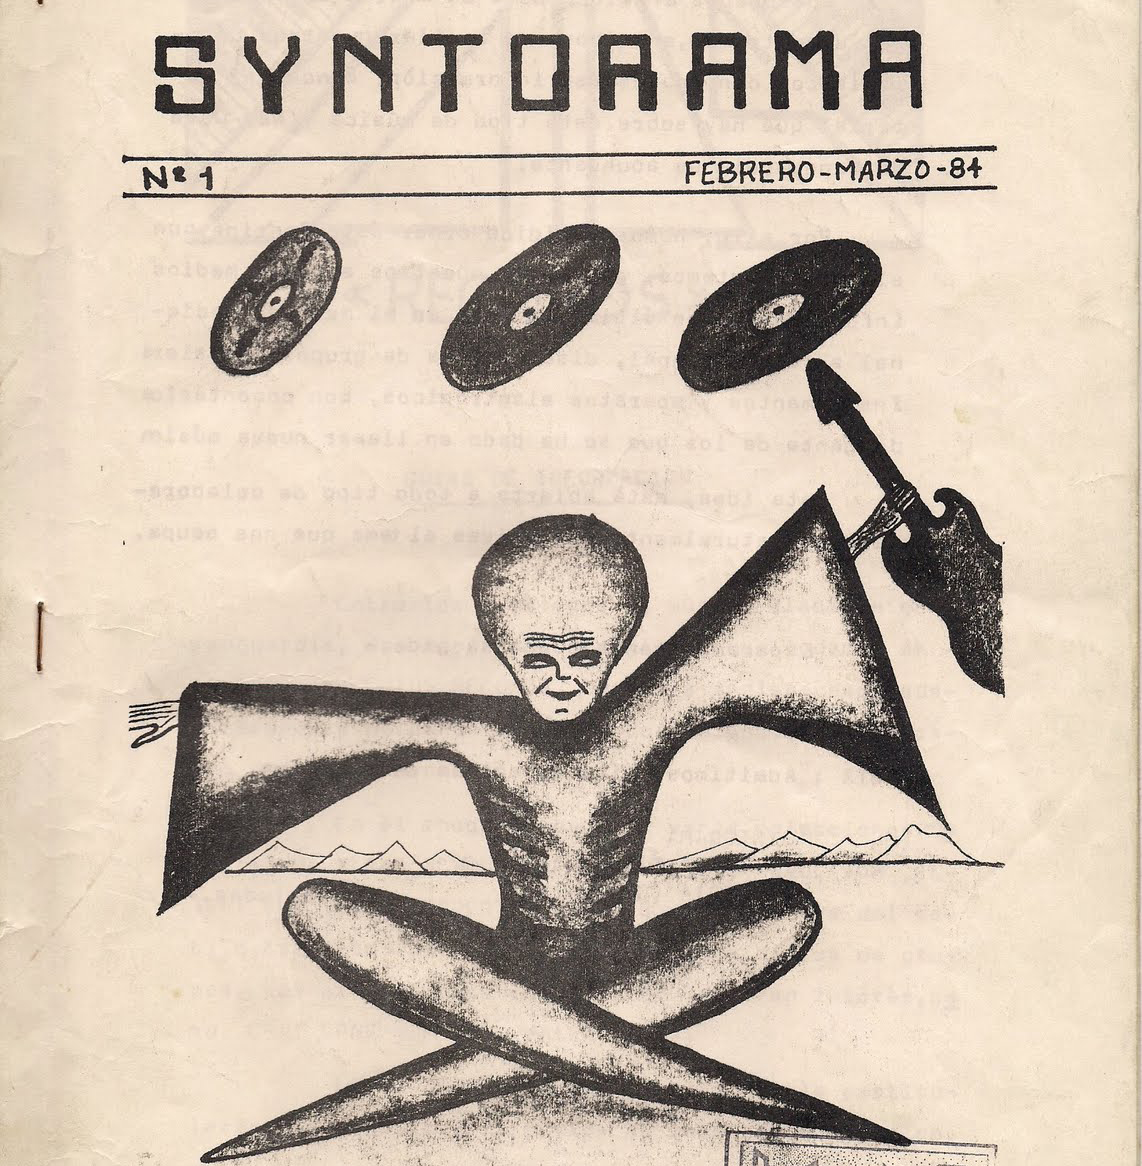 SyntoramaN1